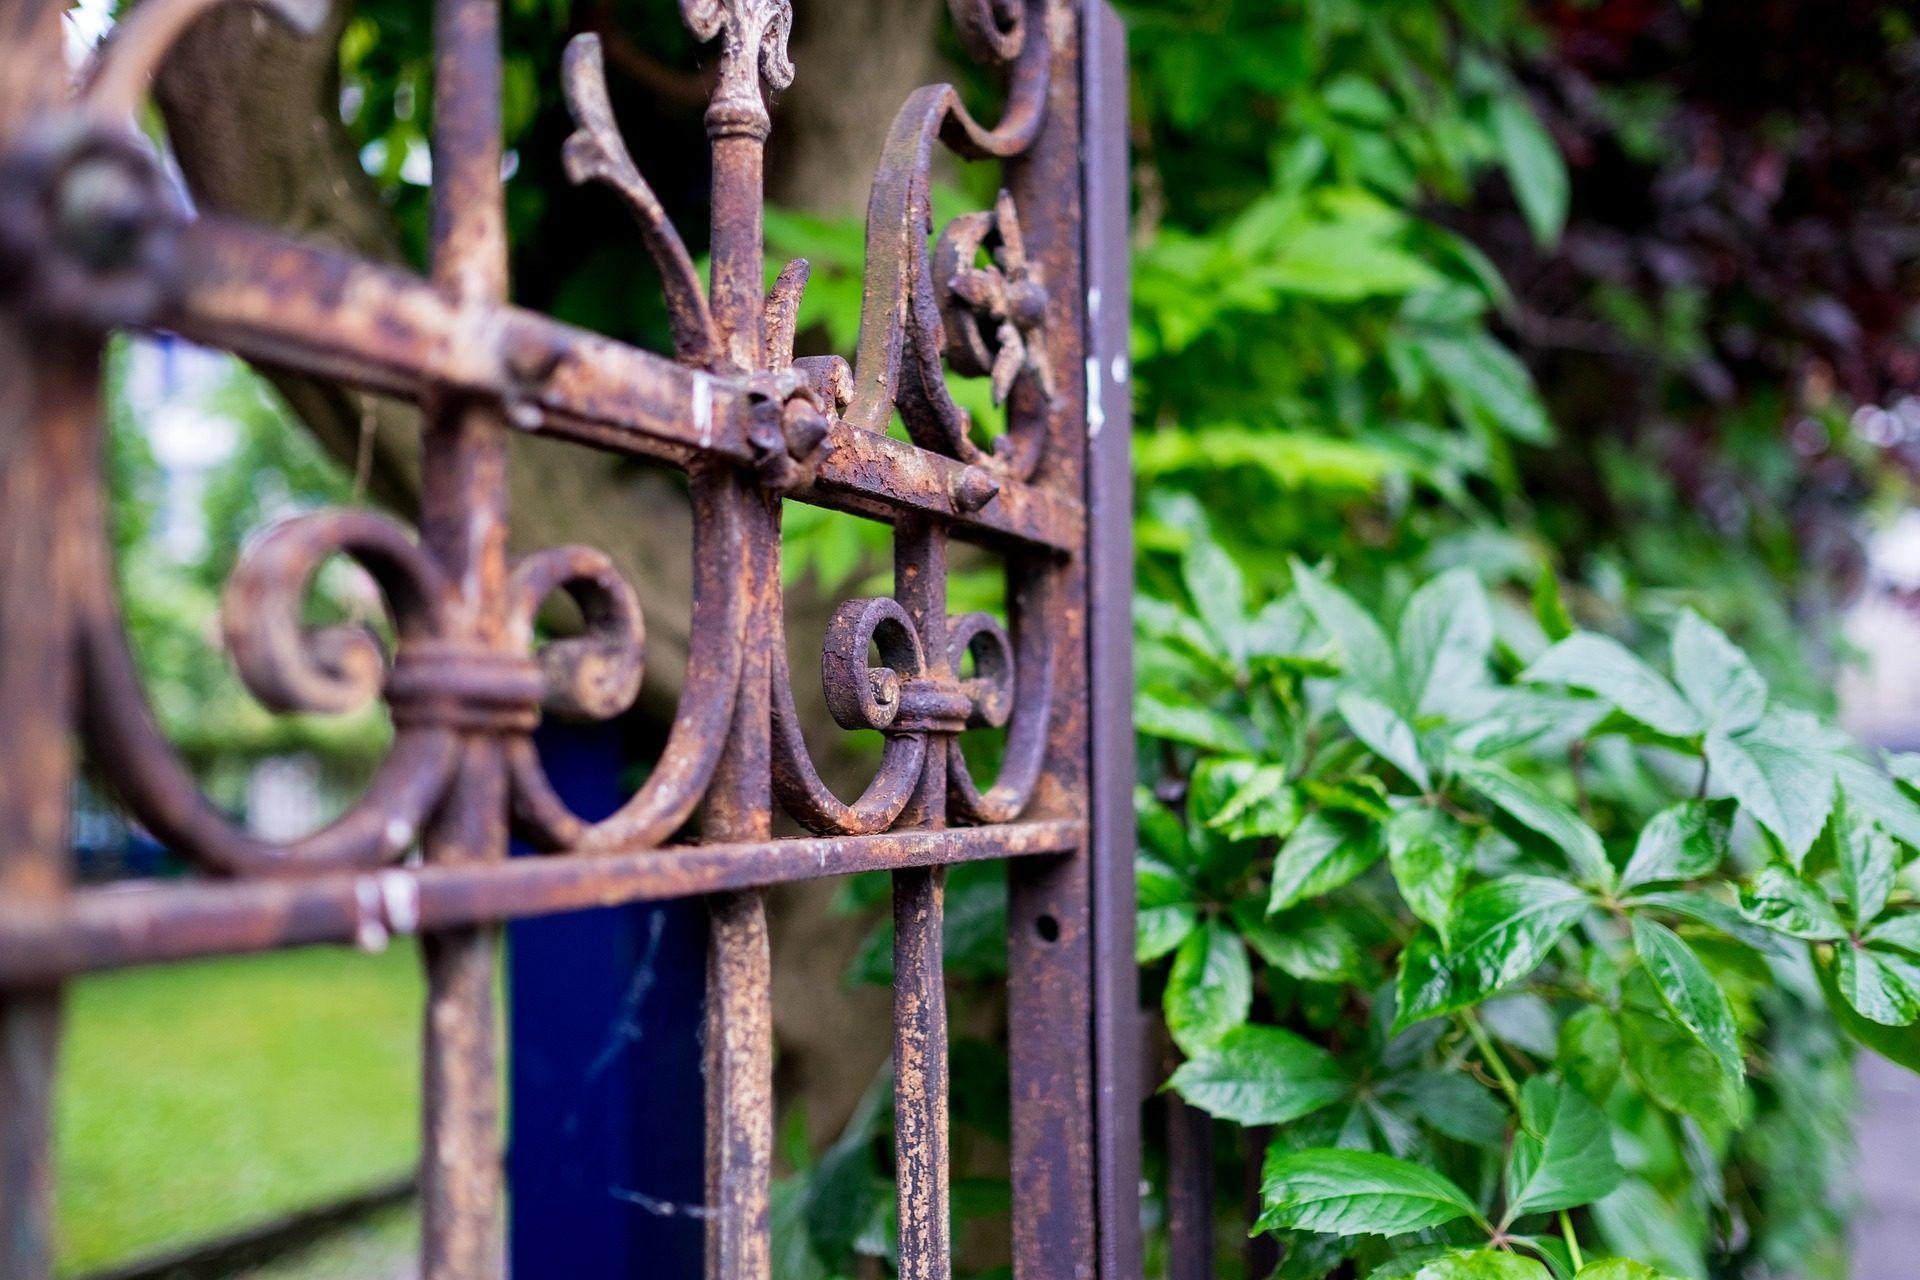 verja, reja, vieja, oxidada, jardín, 1707301331 | Verjas, Oxidado, Viejitos